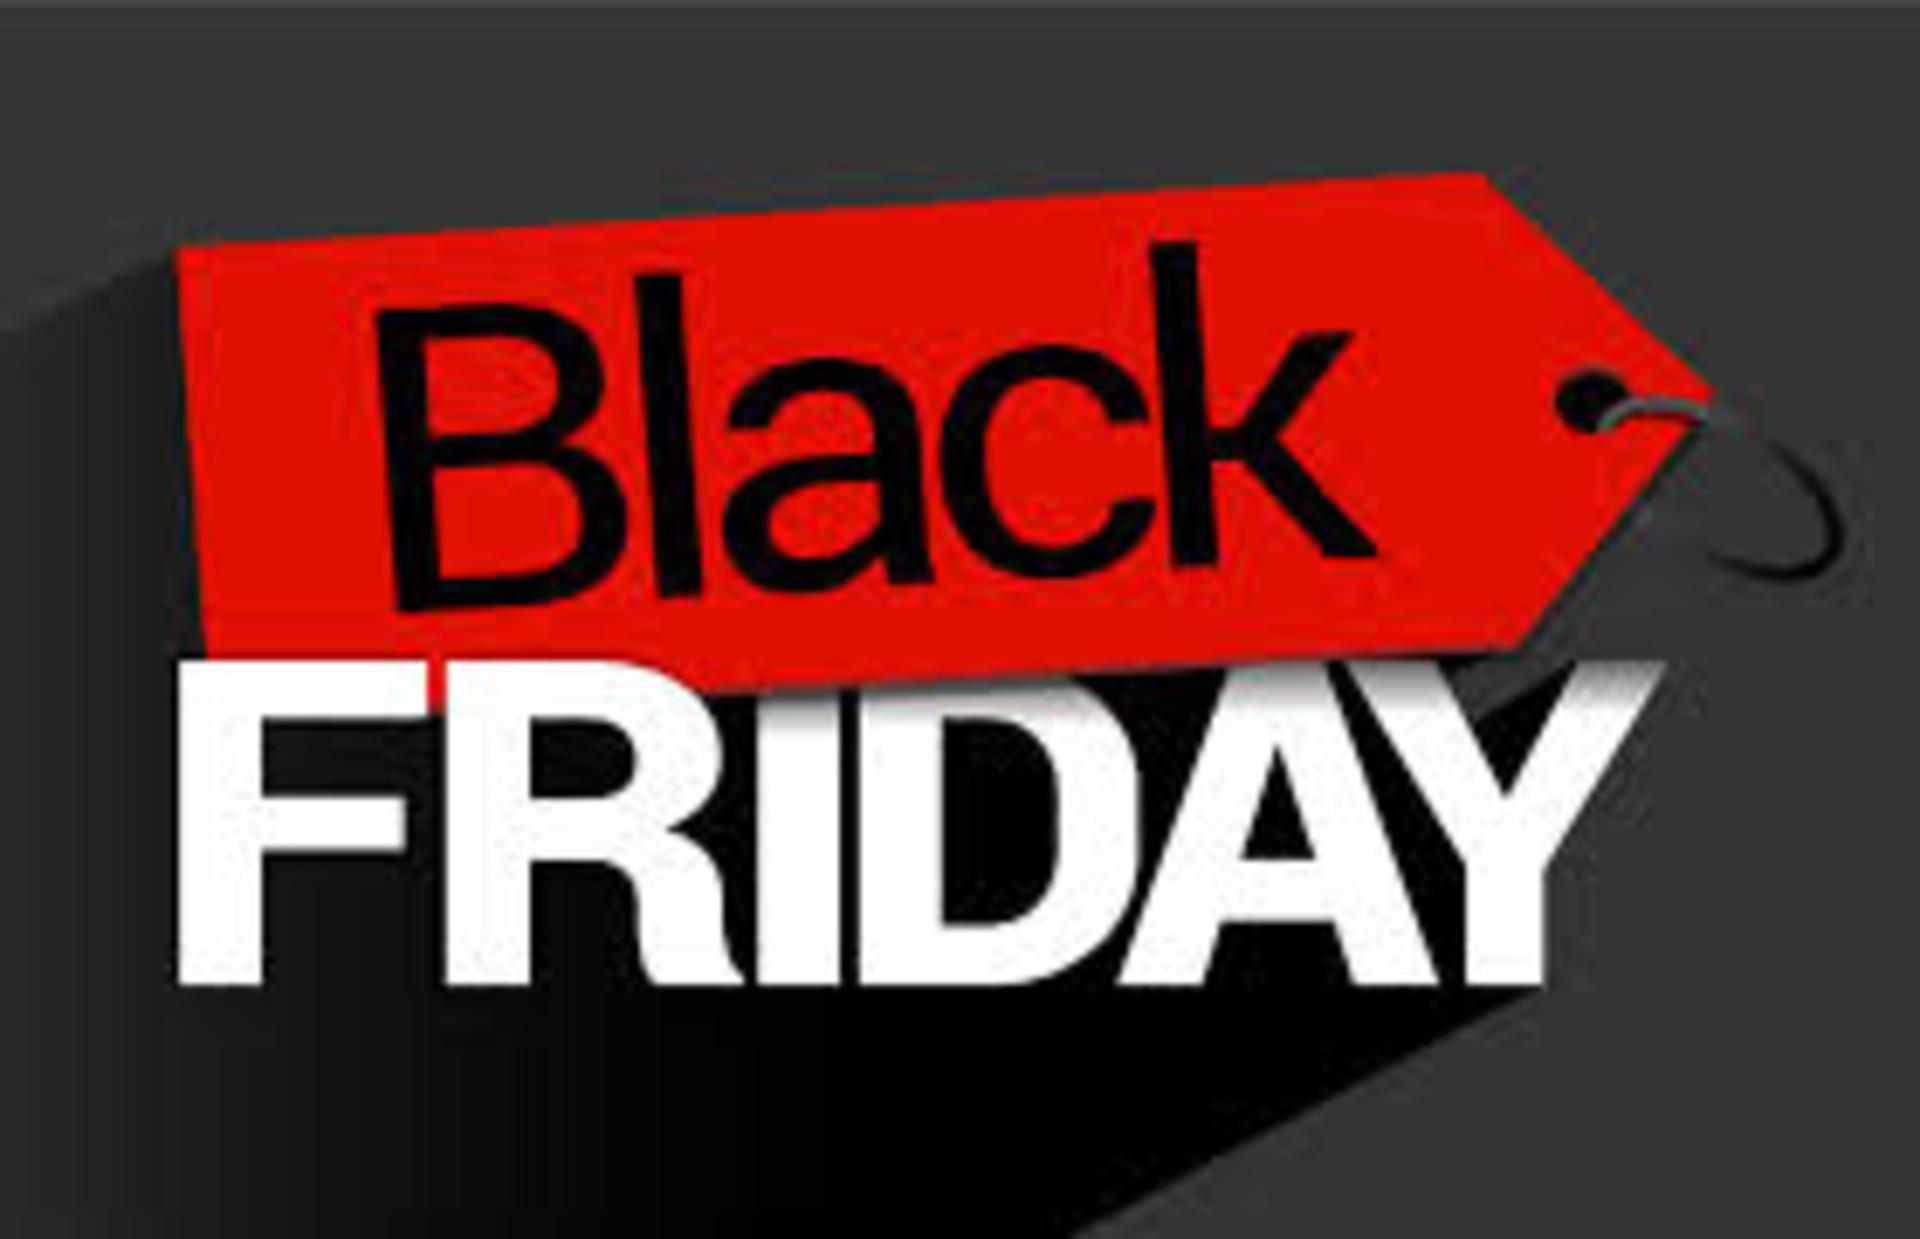 Black Friday Deals - images